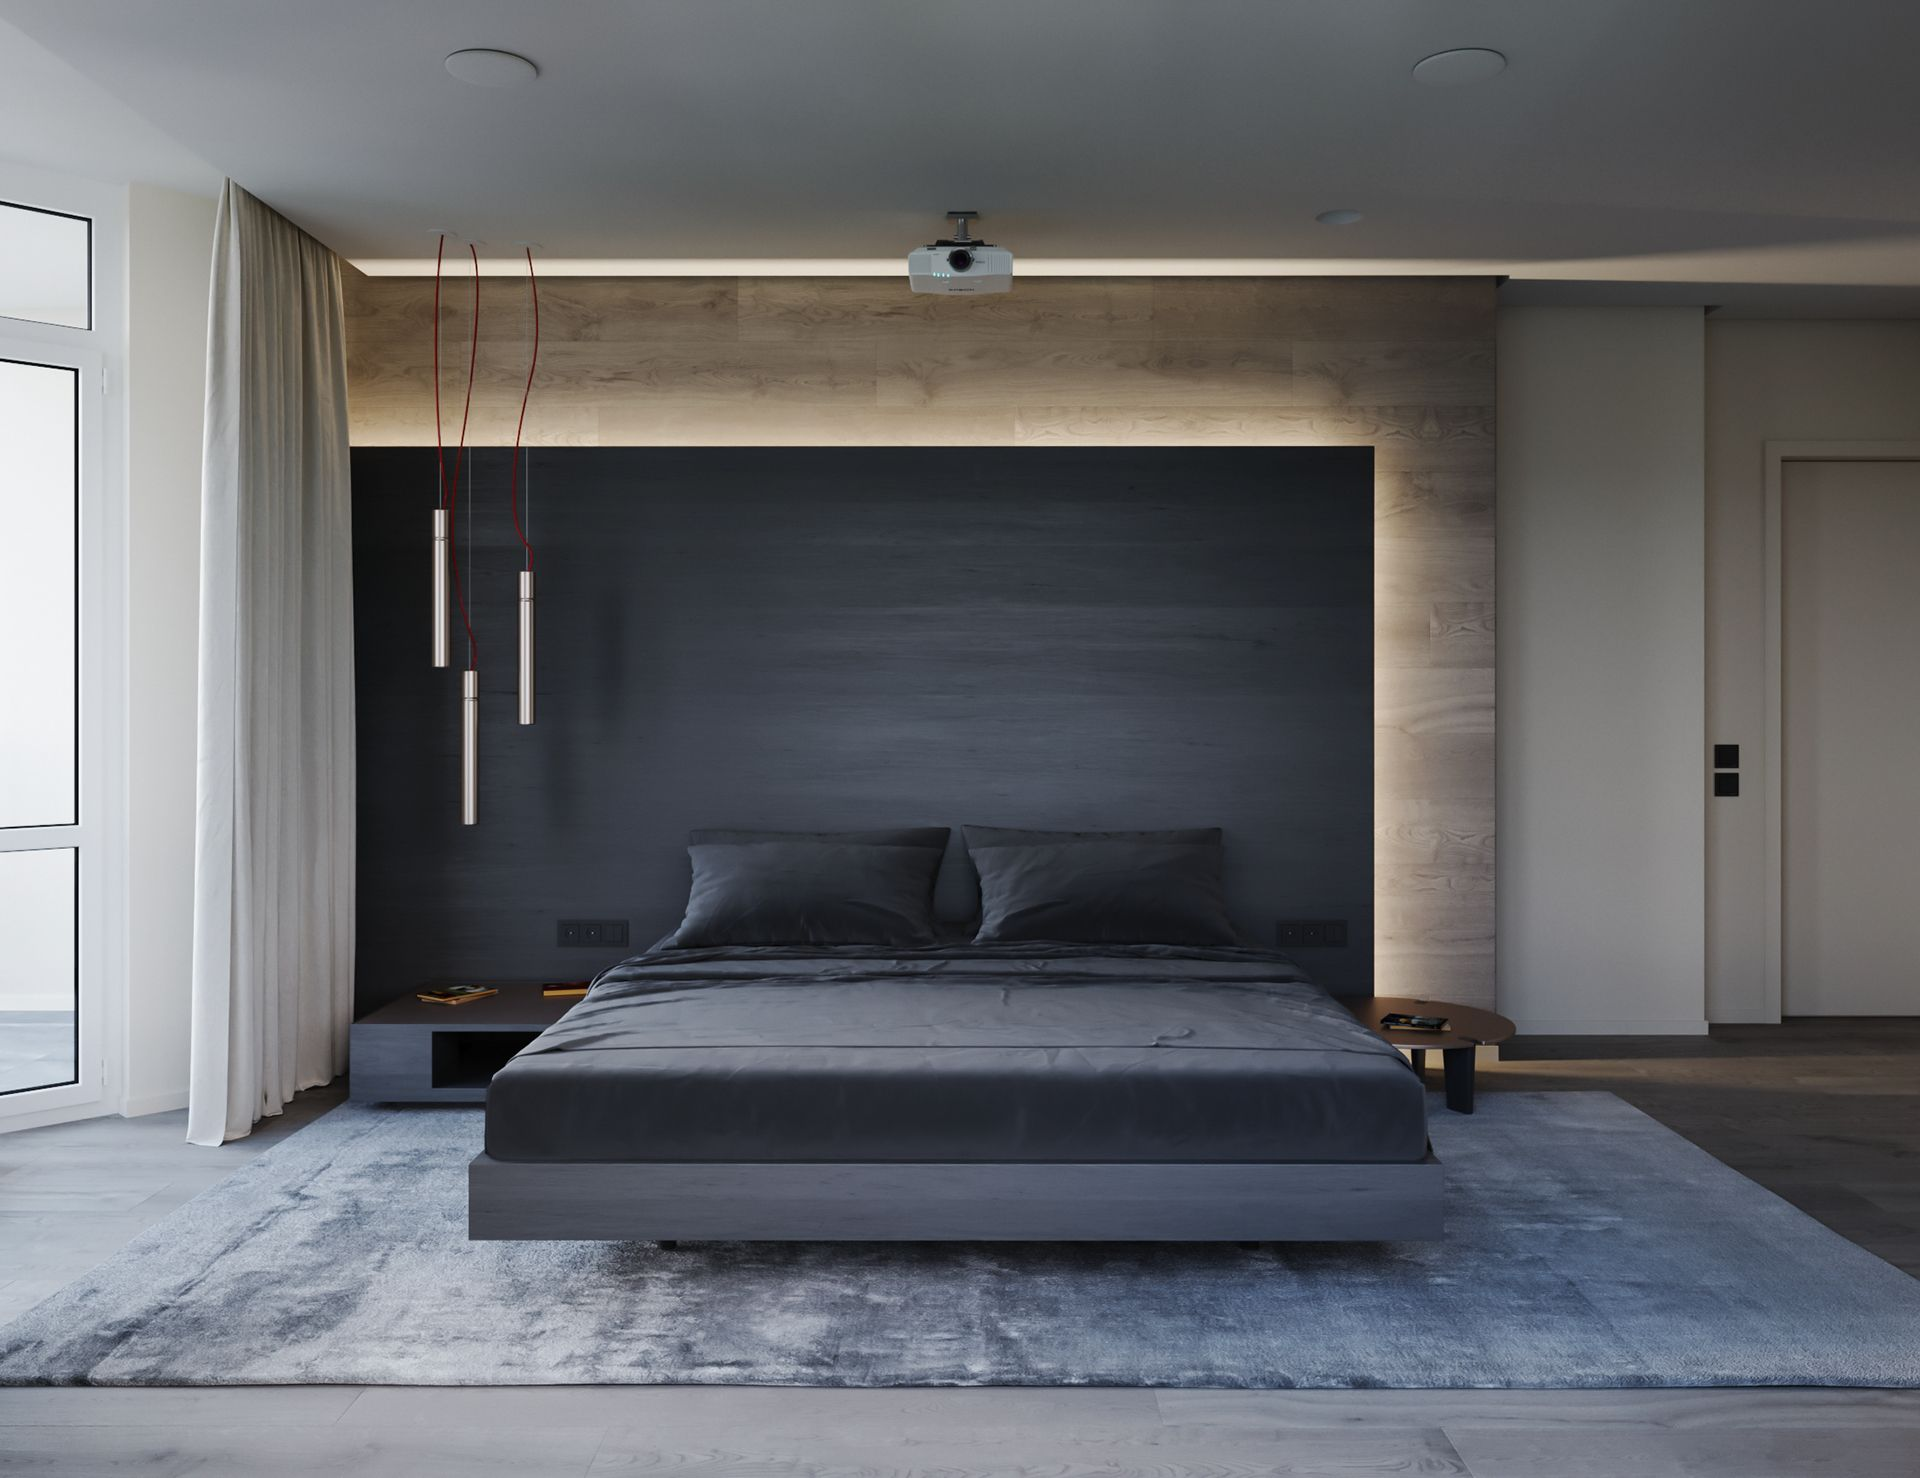 Les plus beaux mod¨les de chambres a couchés et les lits 2017 2